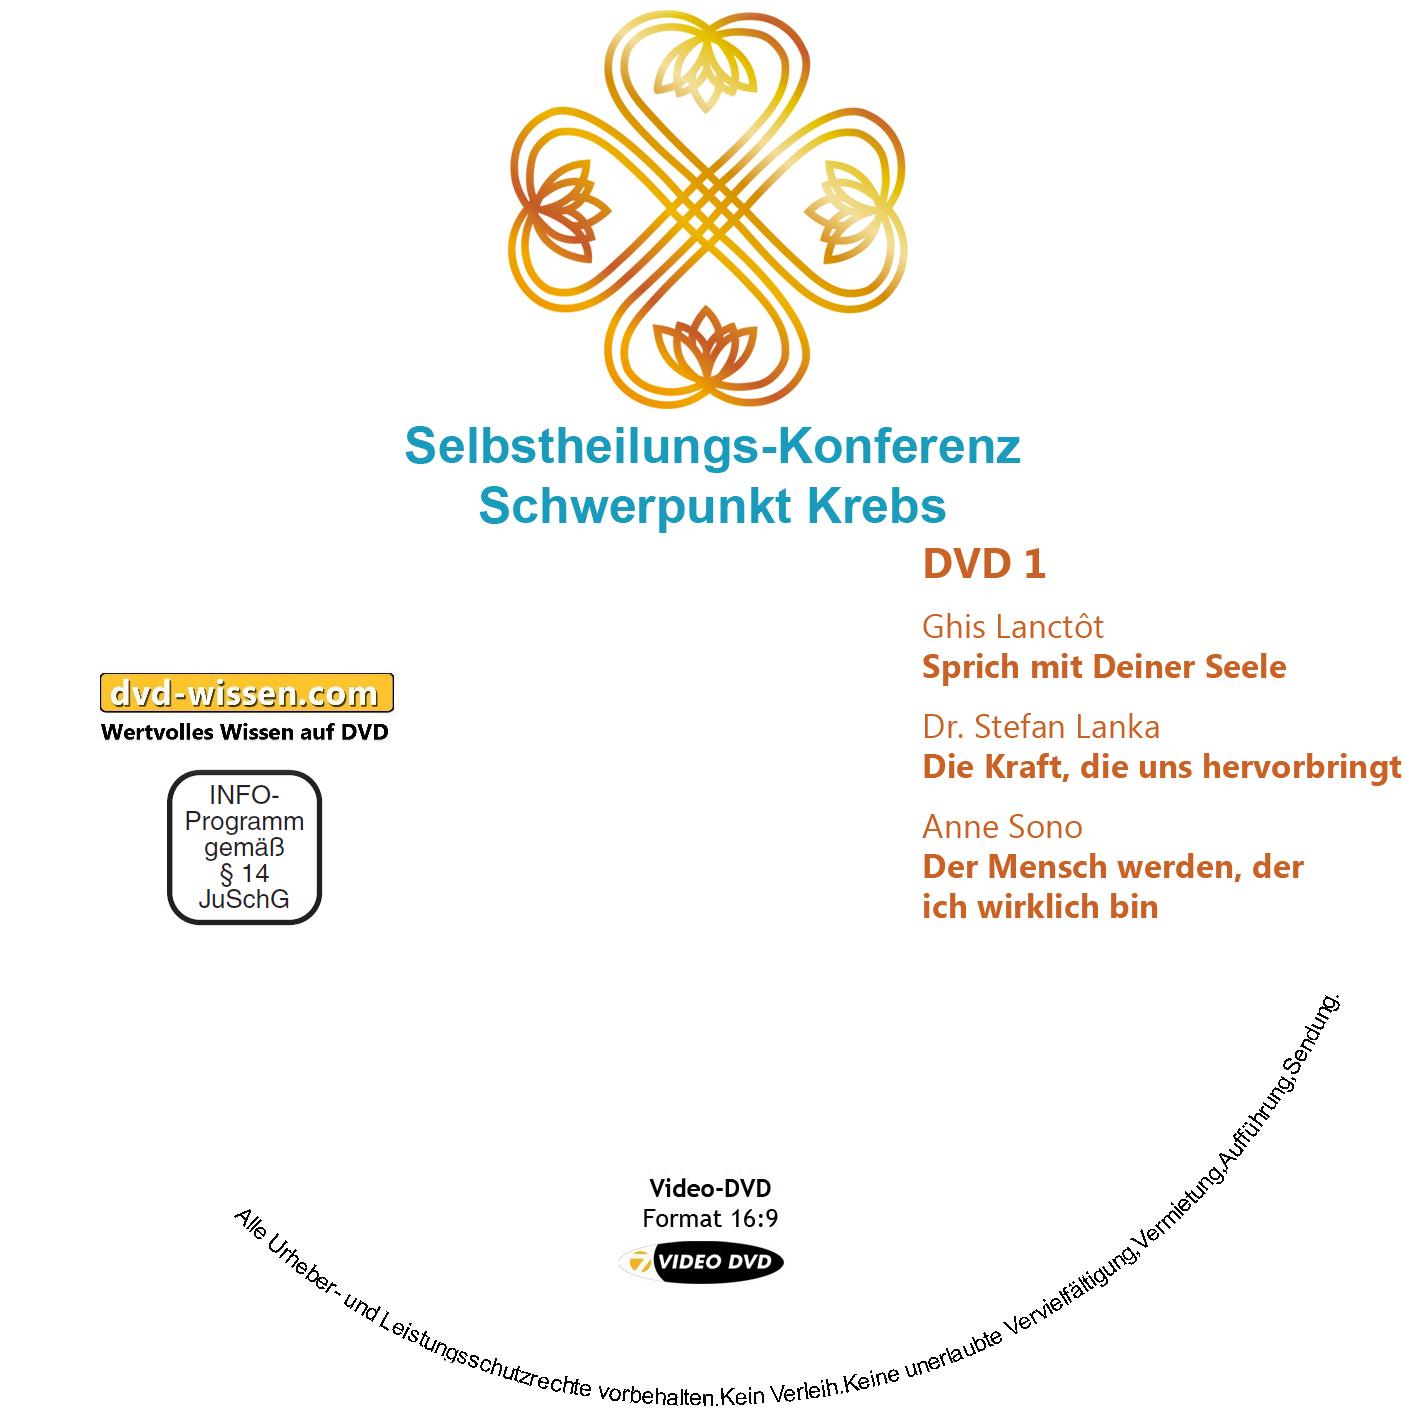 Selbstheilungs-Kongress, Schwerpunkt Krebs, DVD-Komplettpaket